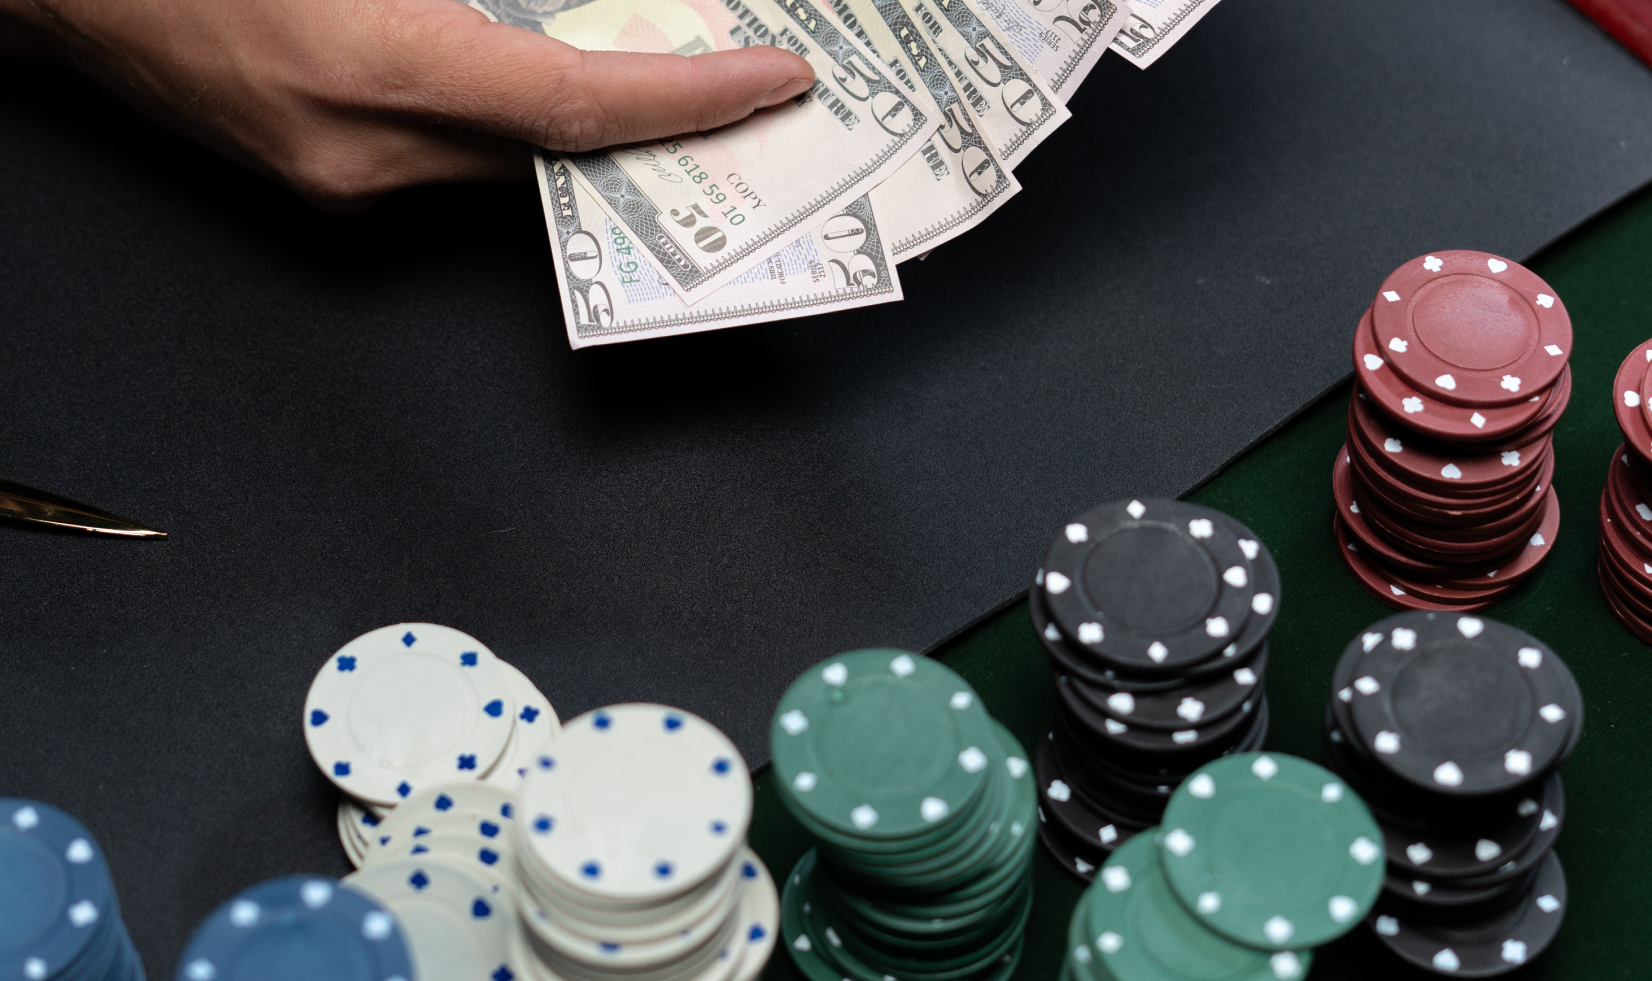 Marker Trax – uzņēmums, kas piedāvā kazino kredītus spēļu automātem